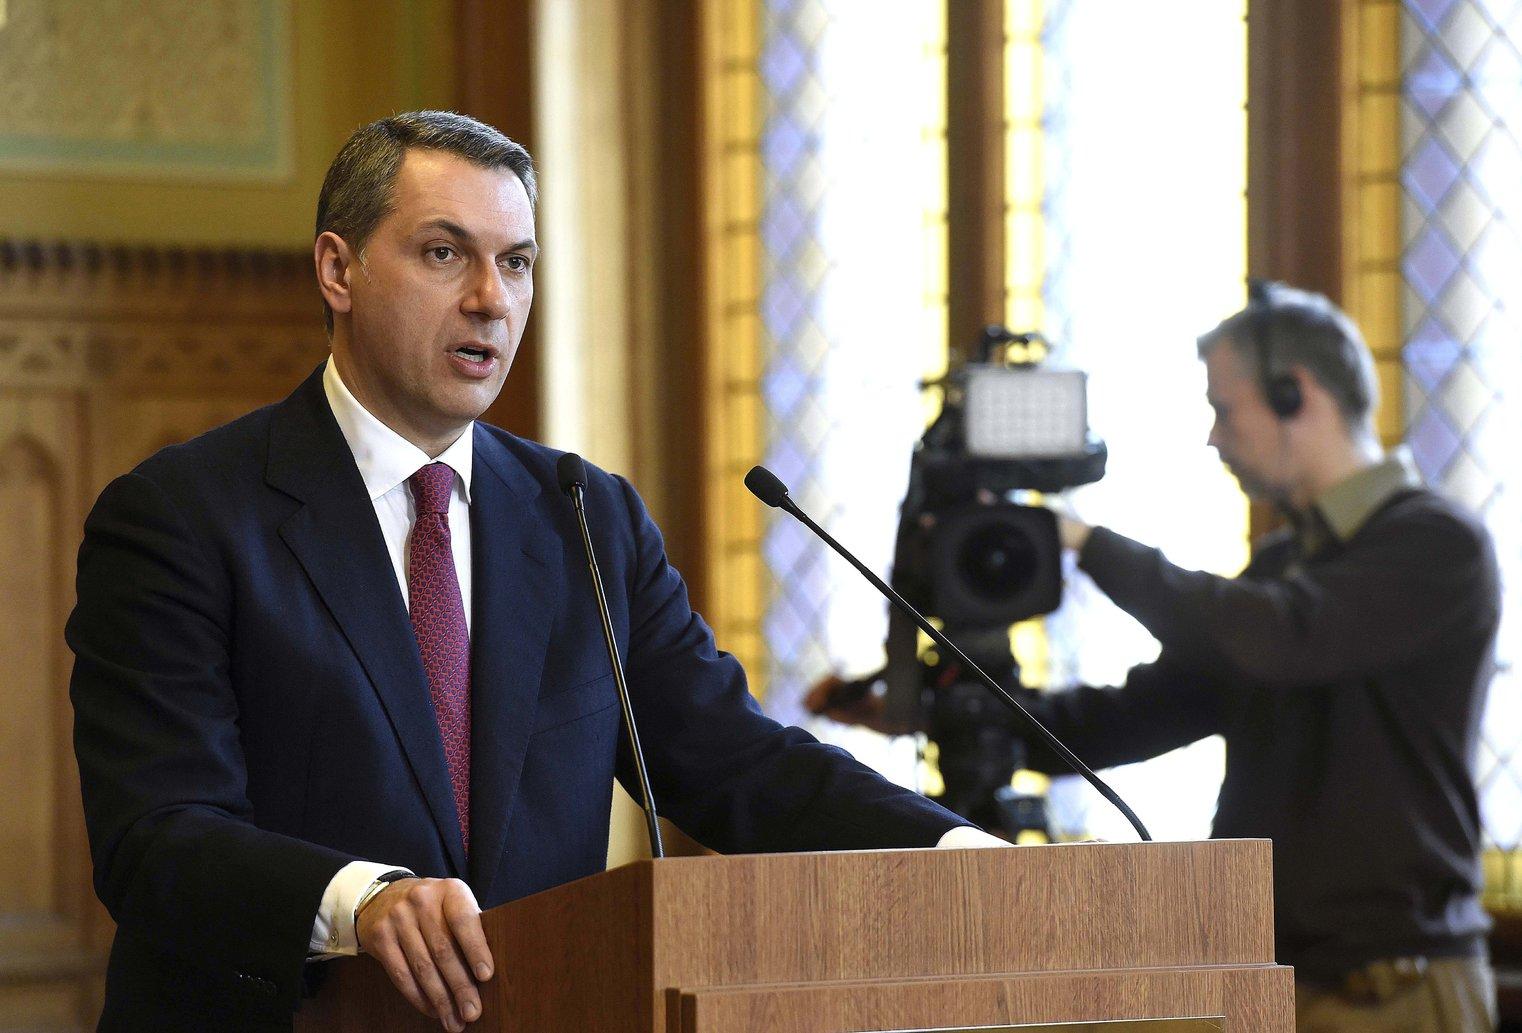 Lázár János, a Miniszterelnökséget vezető miniszter szokásos heti sajtótájékoztatóját tartja az Országházban 2018. február 15-én. MTI Fotó: Bruzák Noémi